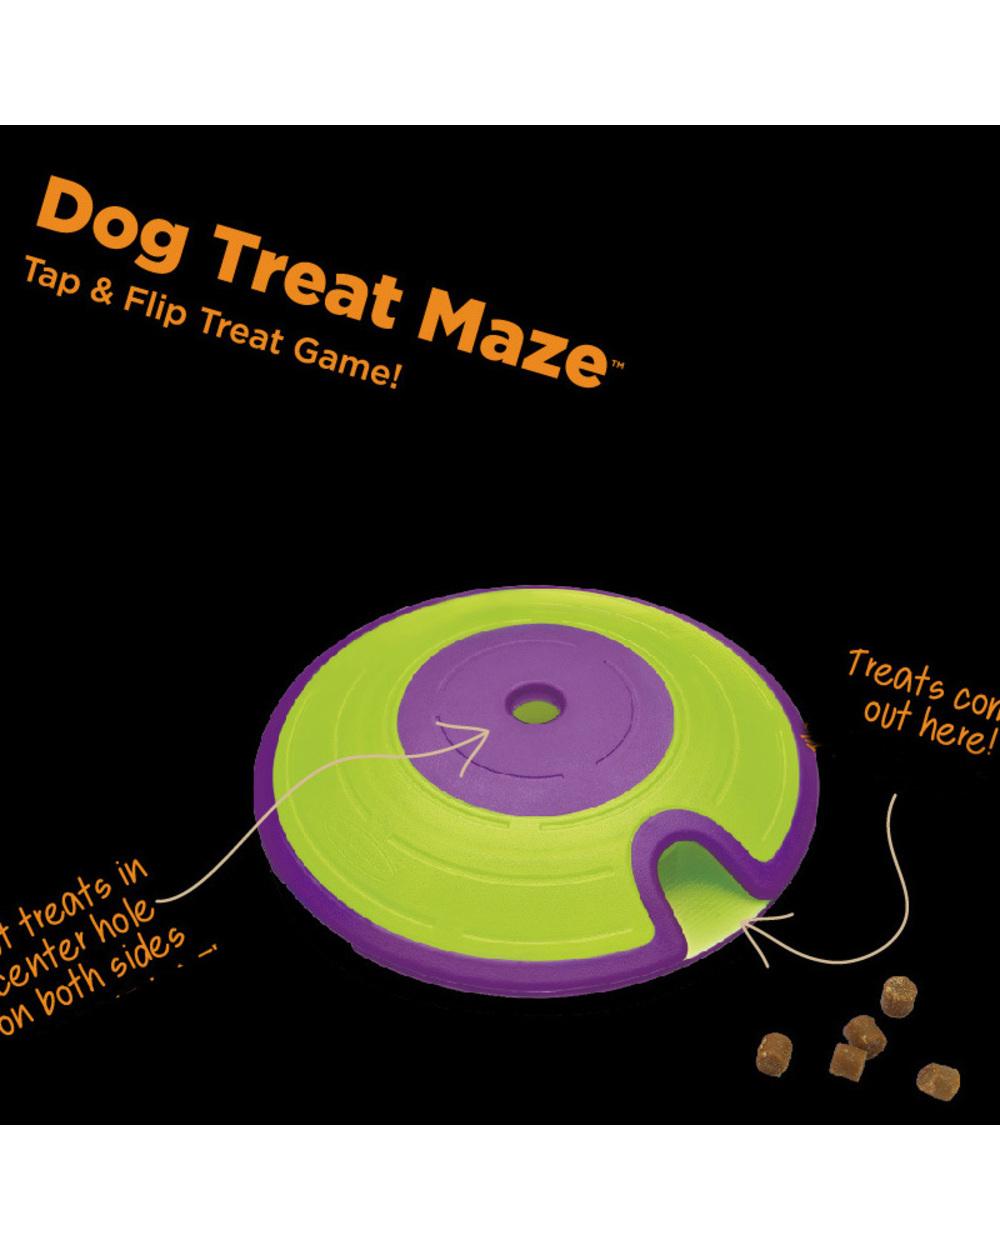 Dog Treat Maze Dog Treat Maze 1